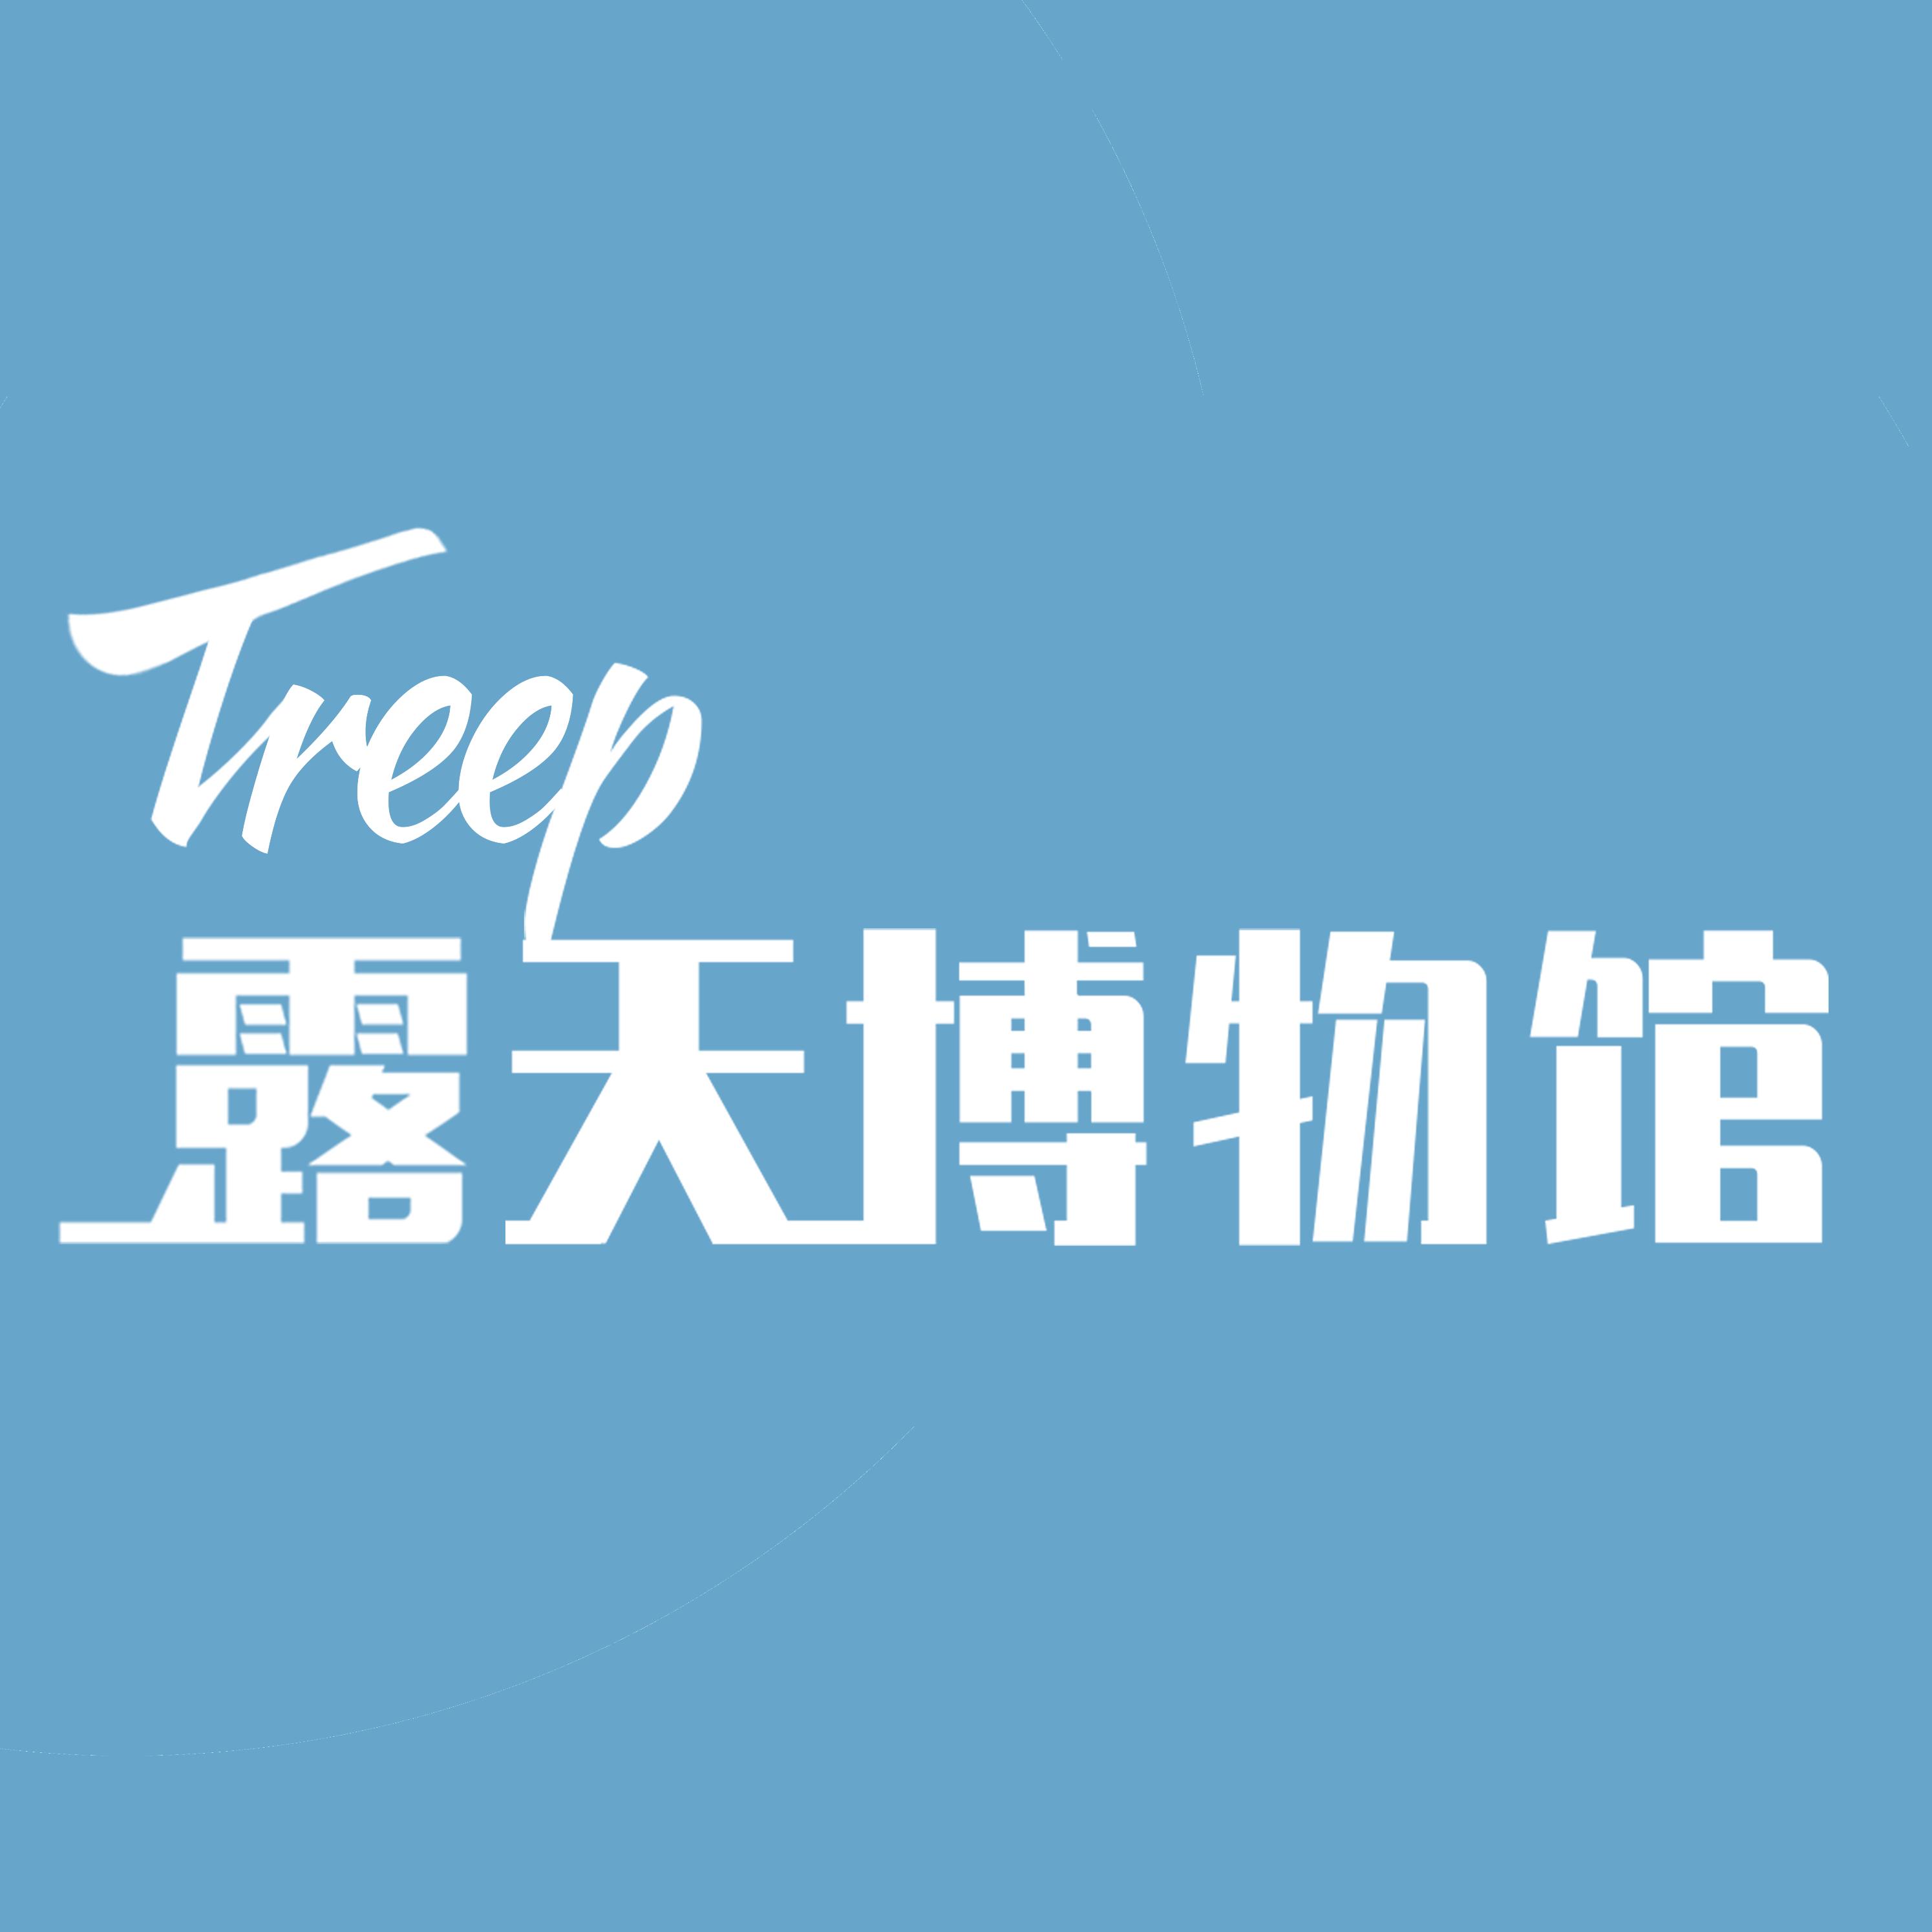 Treep露天博物馆